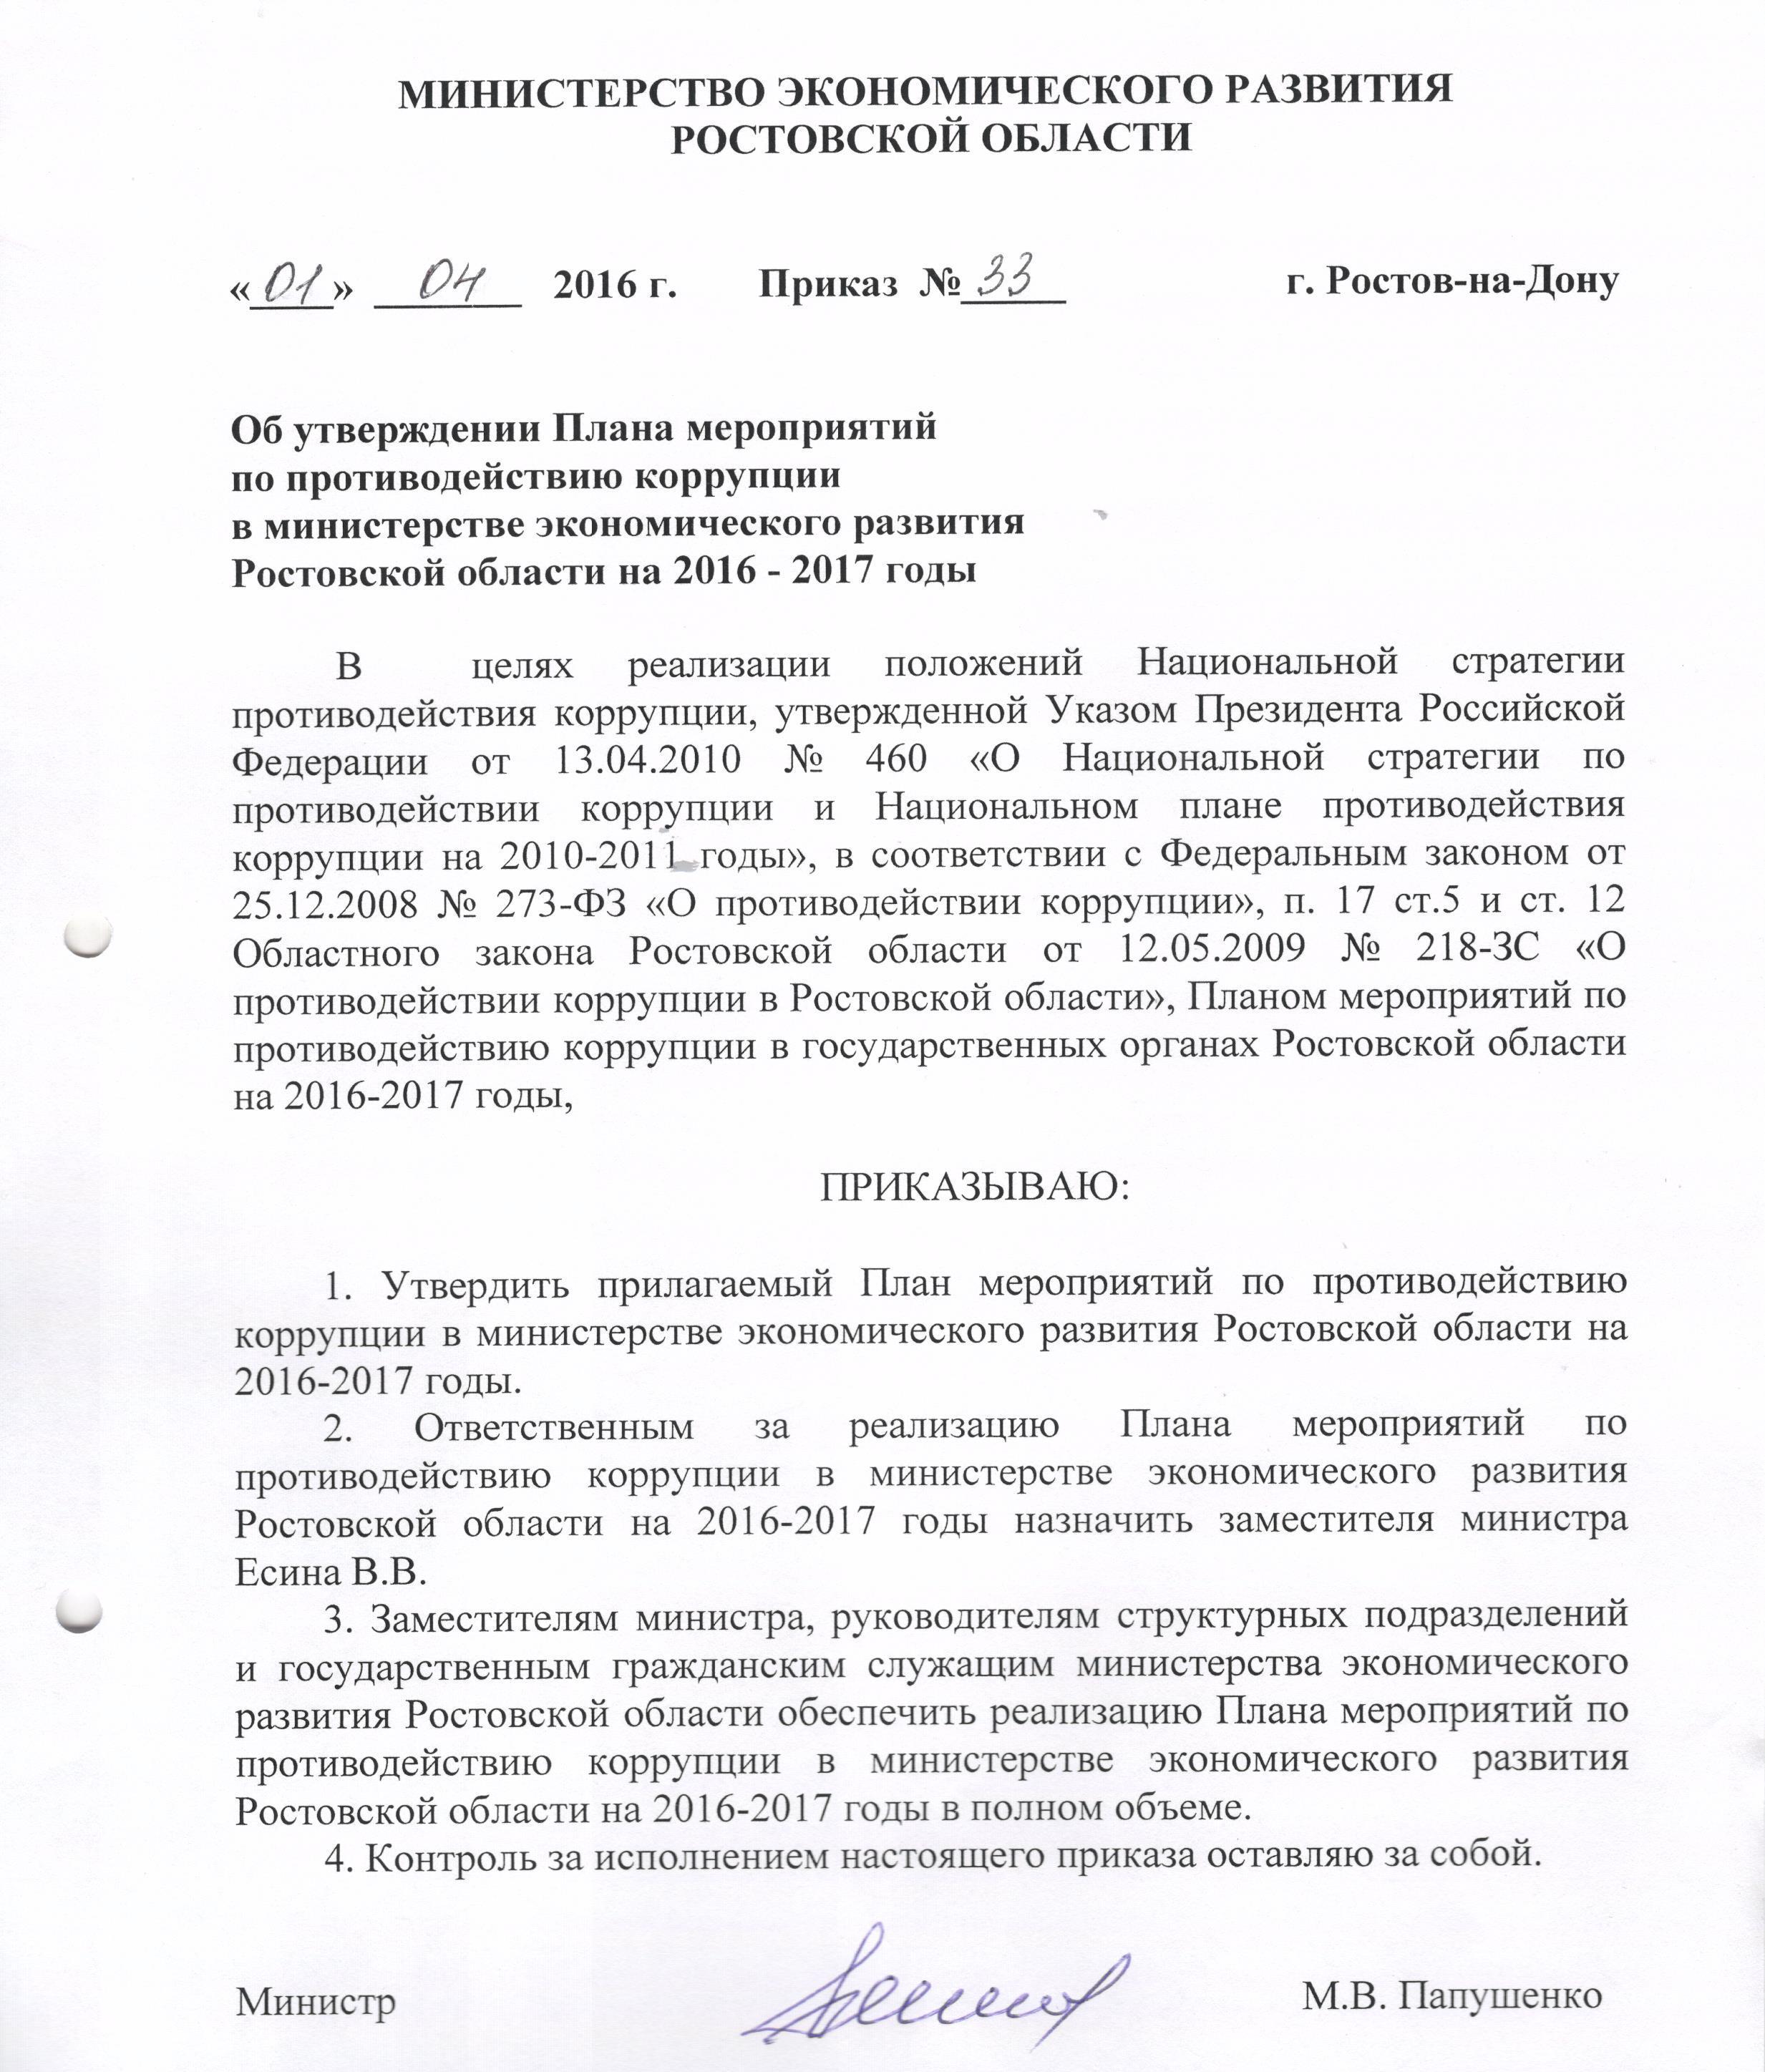 справка о доходах государственного служащего бланк 2013